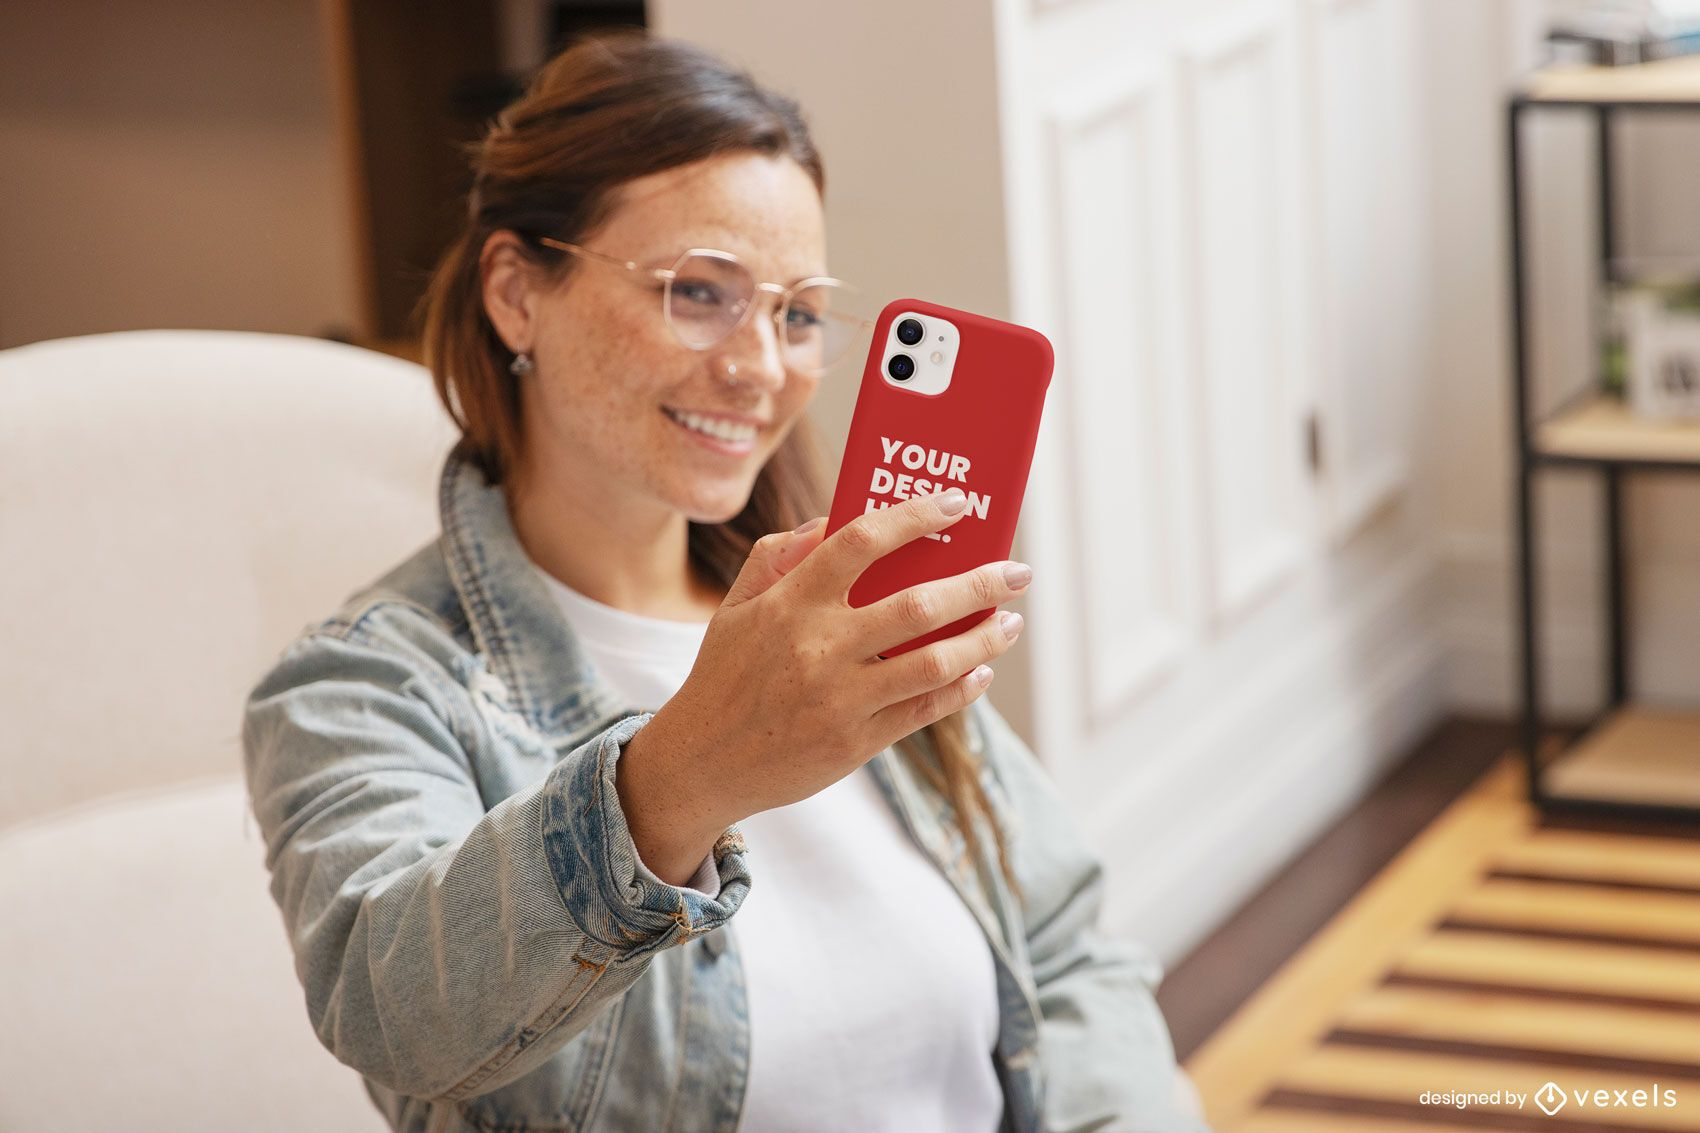 Mädchen Wohnzimmer Selfie Telefon Fall Modell